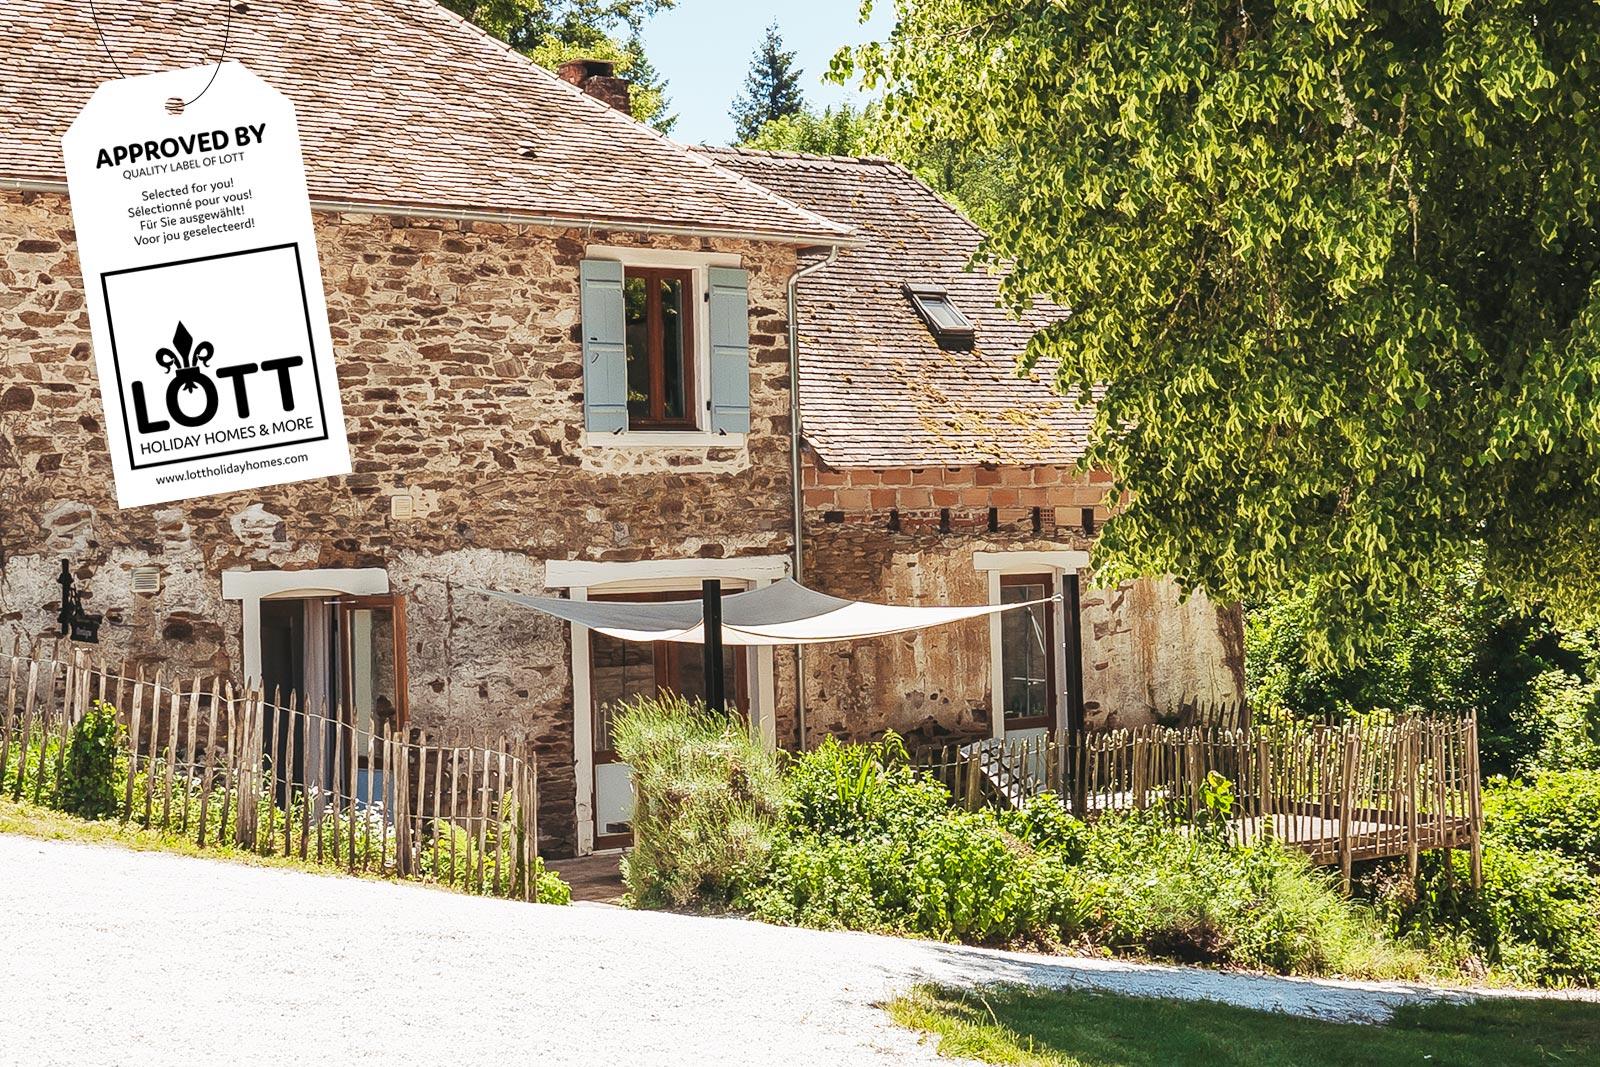 LOTT holiday homes & more vakantiehuizen verhuurbedrijf voor vakantiehuizen. Sfeerbeeld 2-4 persoons vakantiehuis in Frankrijk!